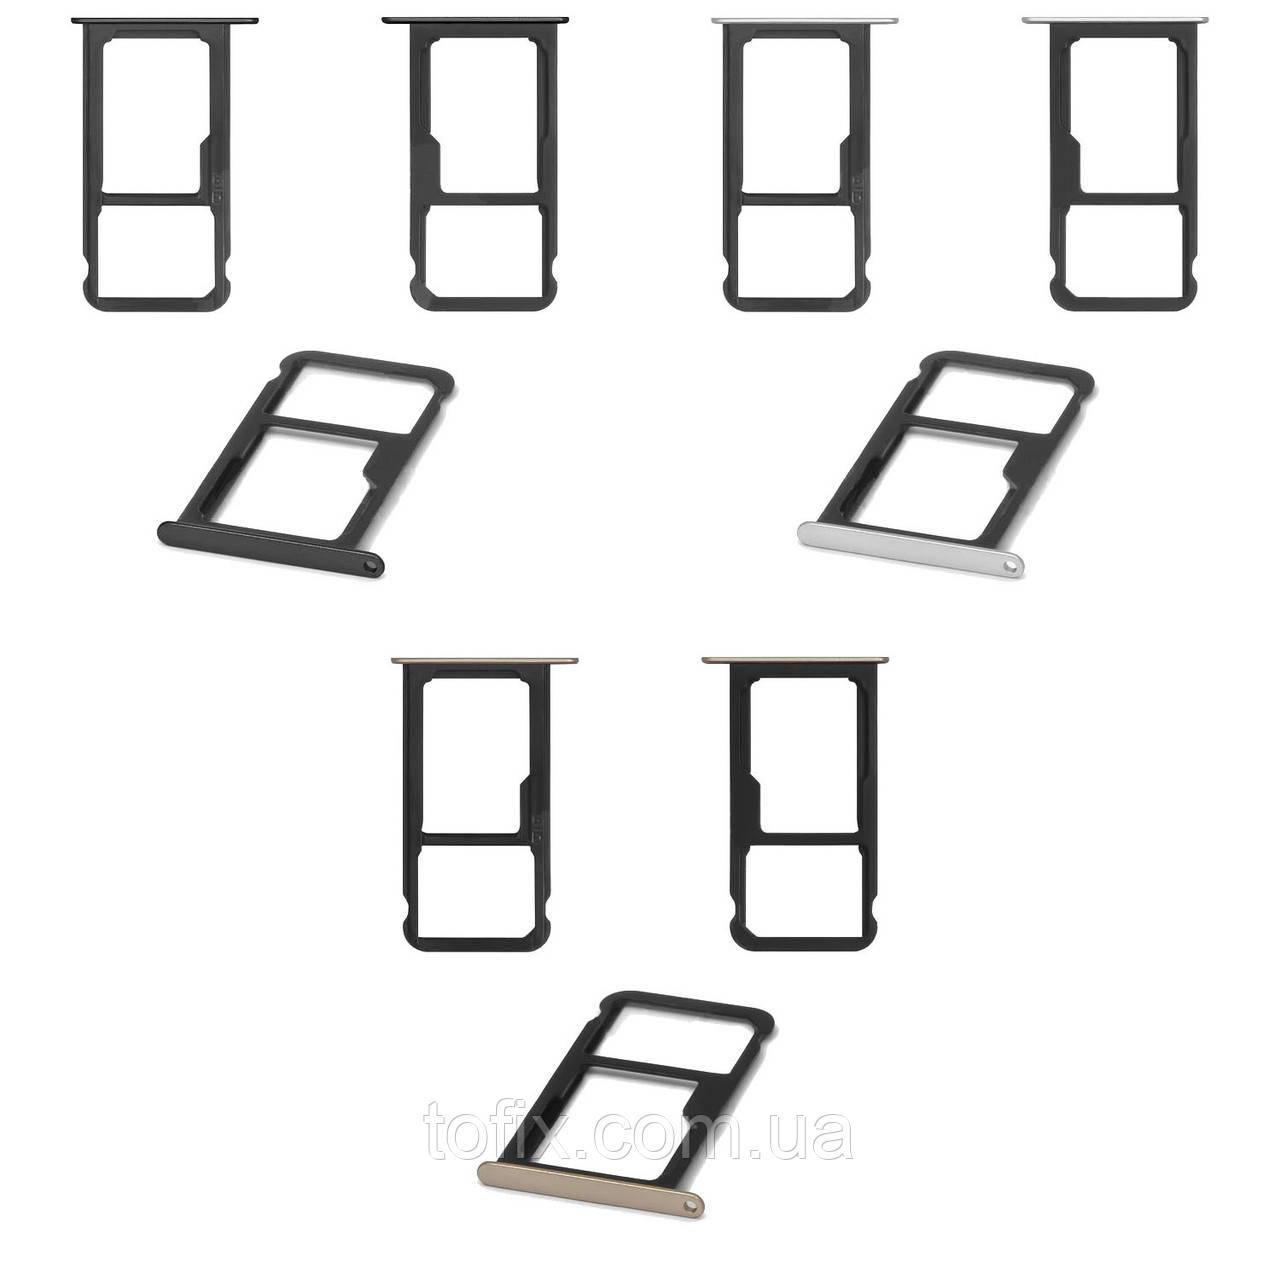 Держатель SIM-карты для Huawei P9 Lite, c держателем MMC